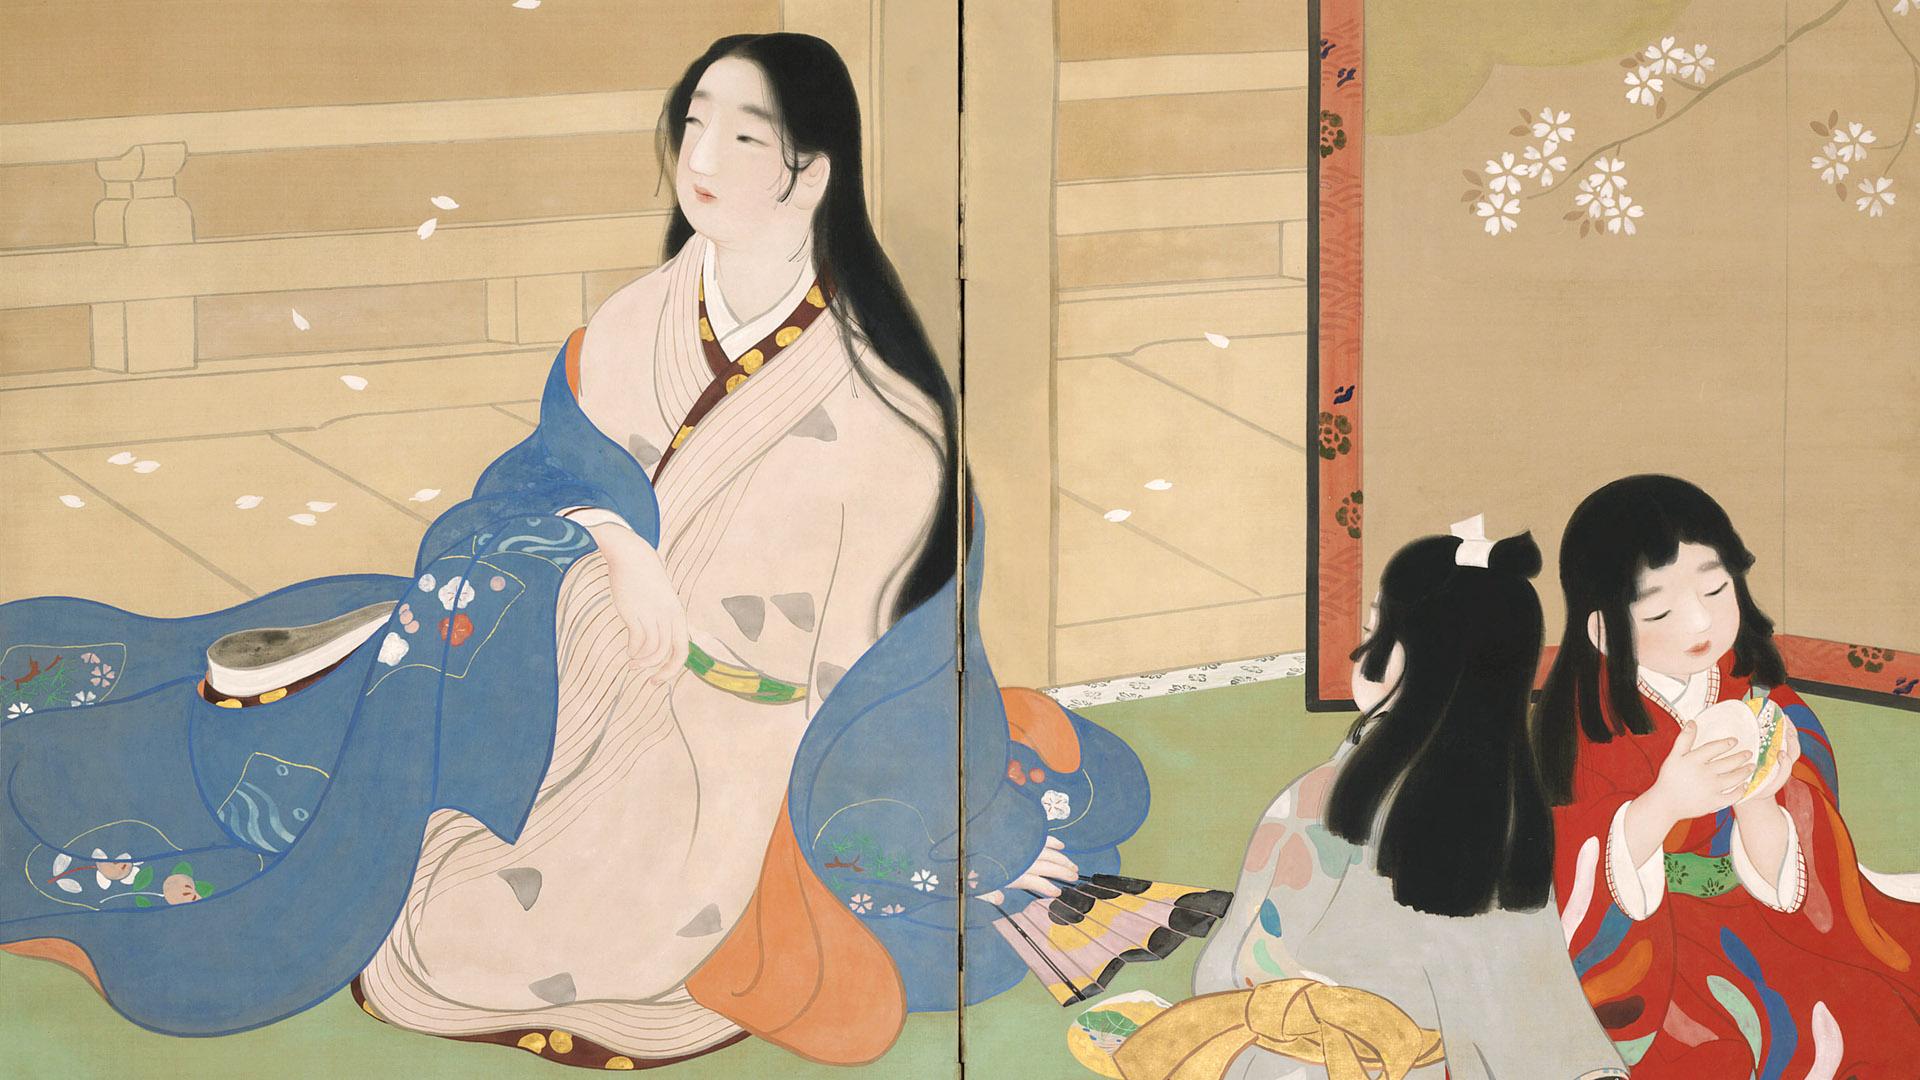 池田蕉園 貝あはせ Ikeda Shoen - Kai awase 1920x1080